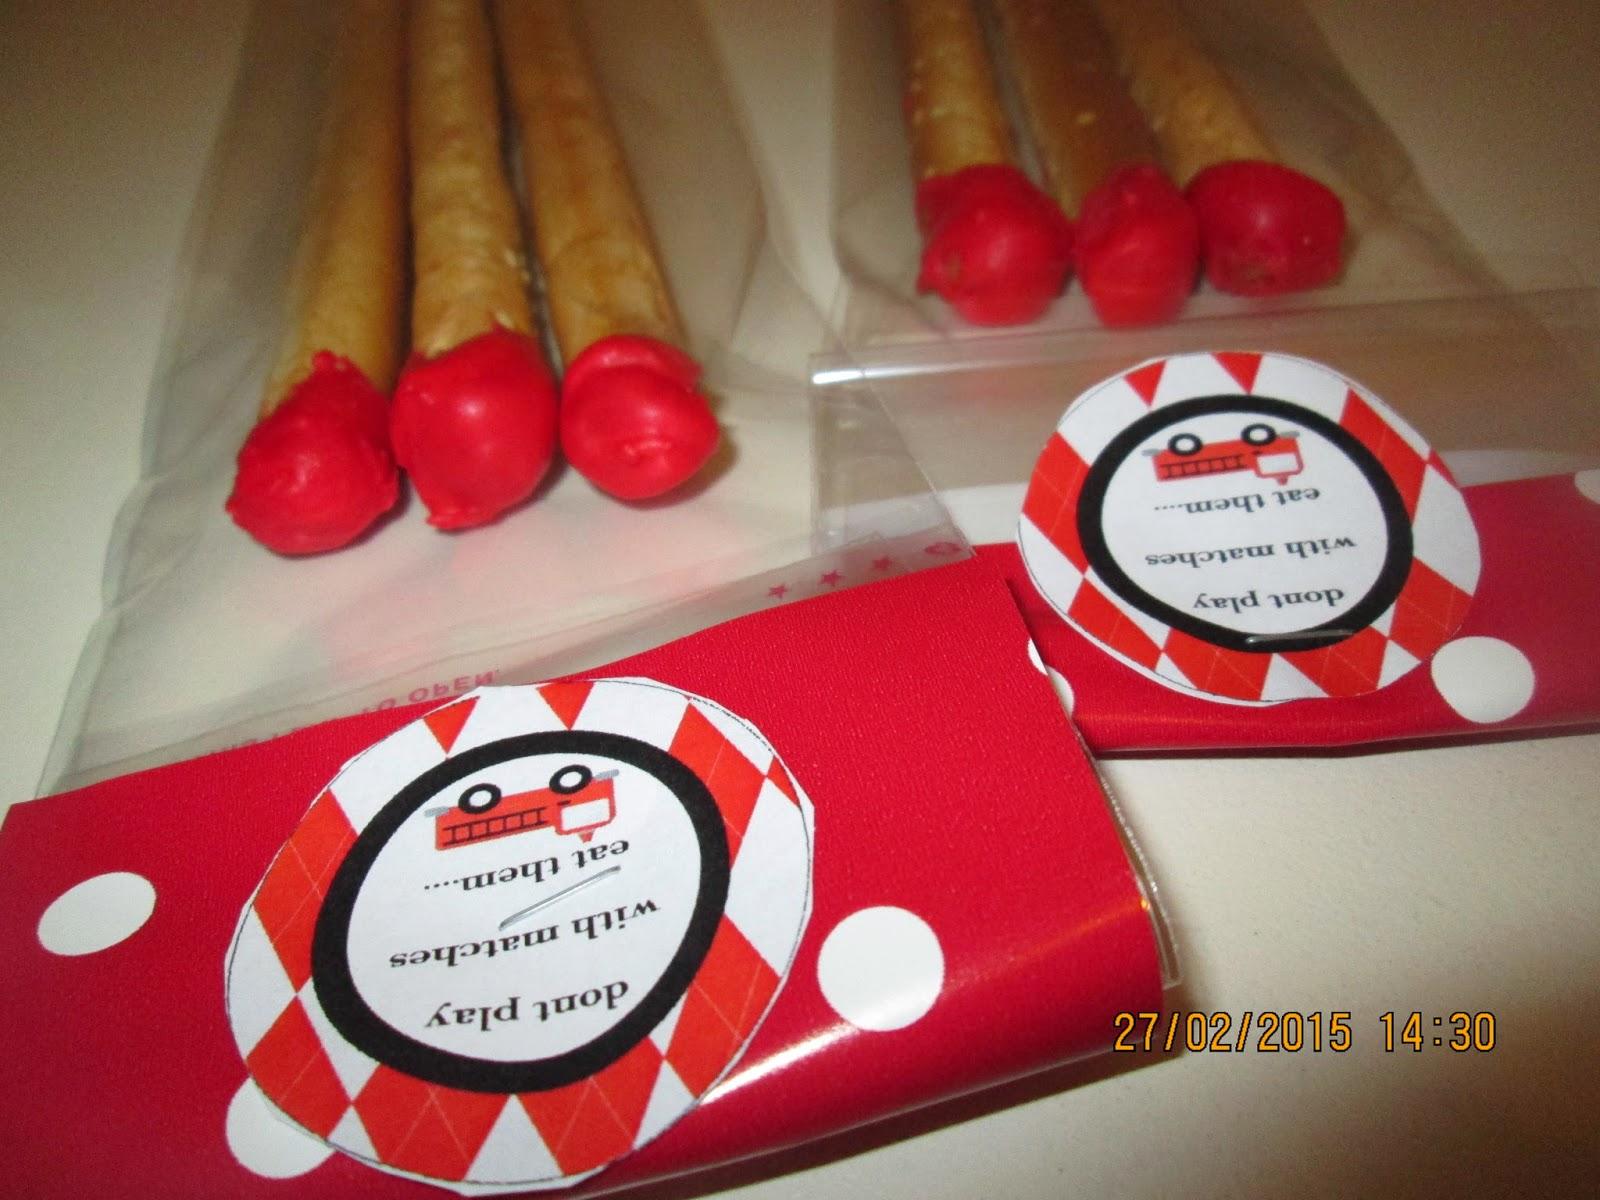 IMG 0029 - פורים במוטיב כיבוי אש